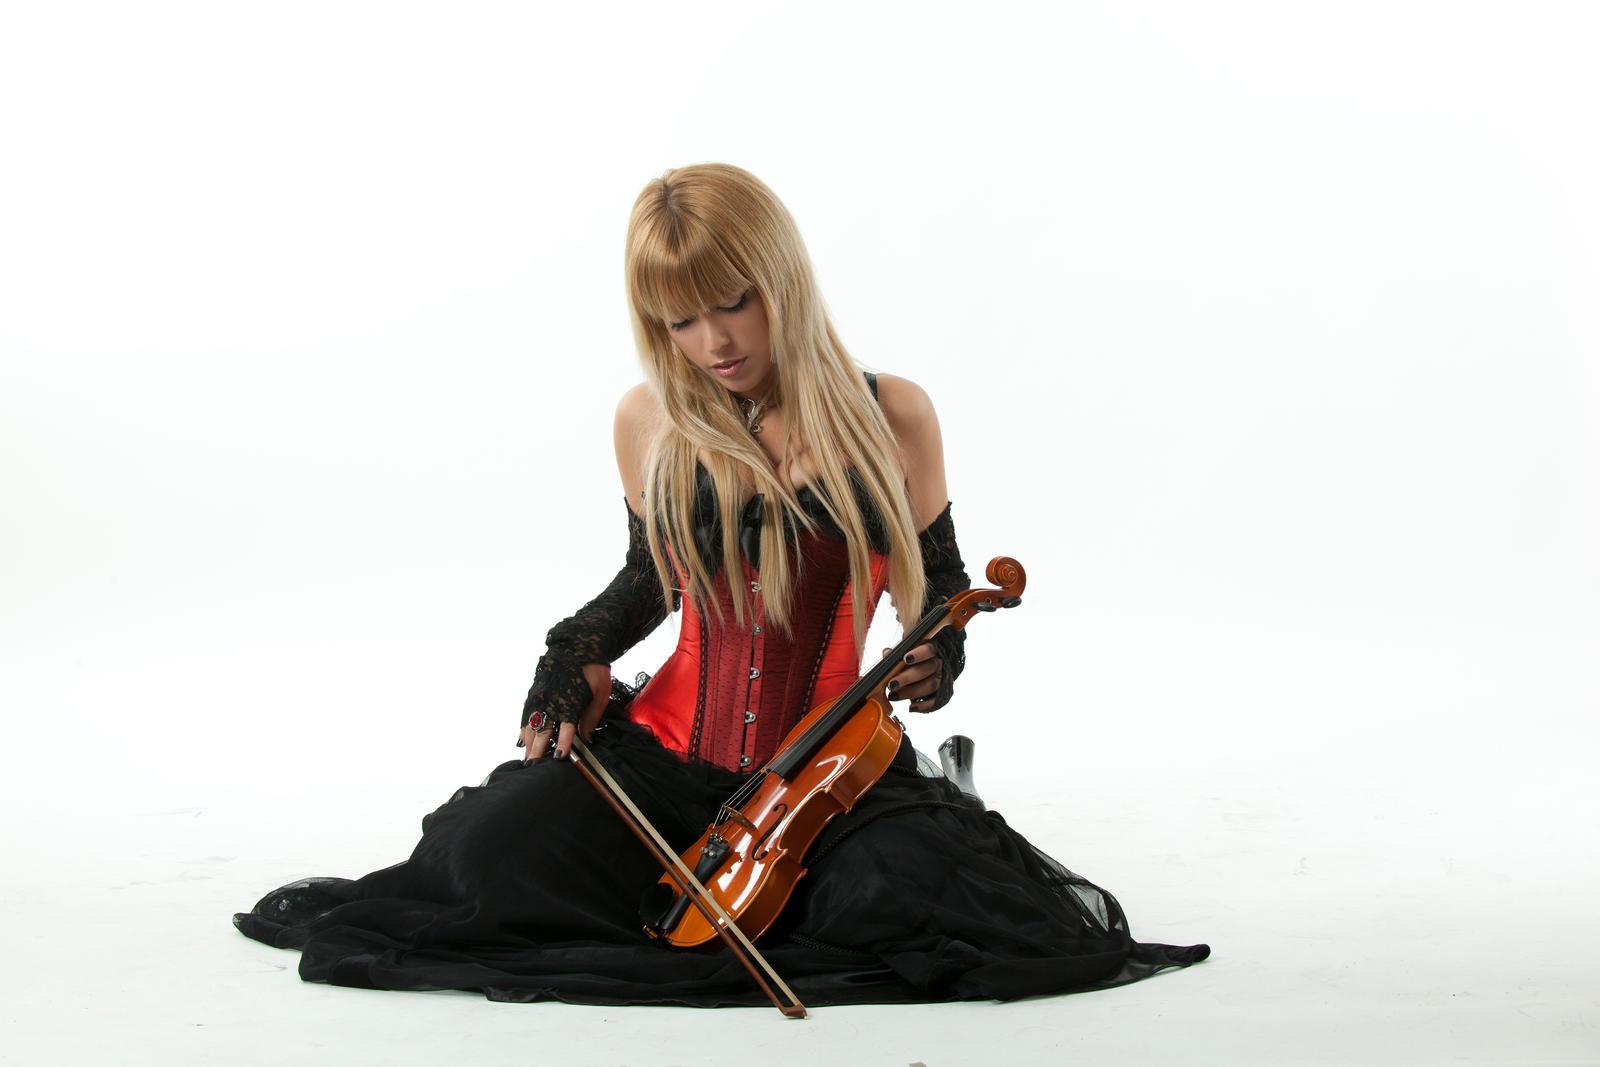 Tanit-Isis Red Corset Violin